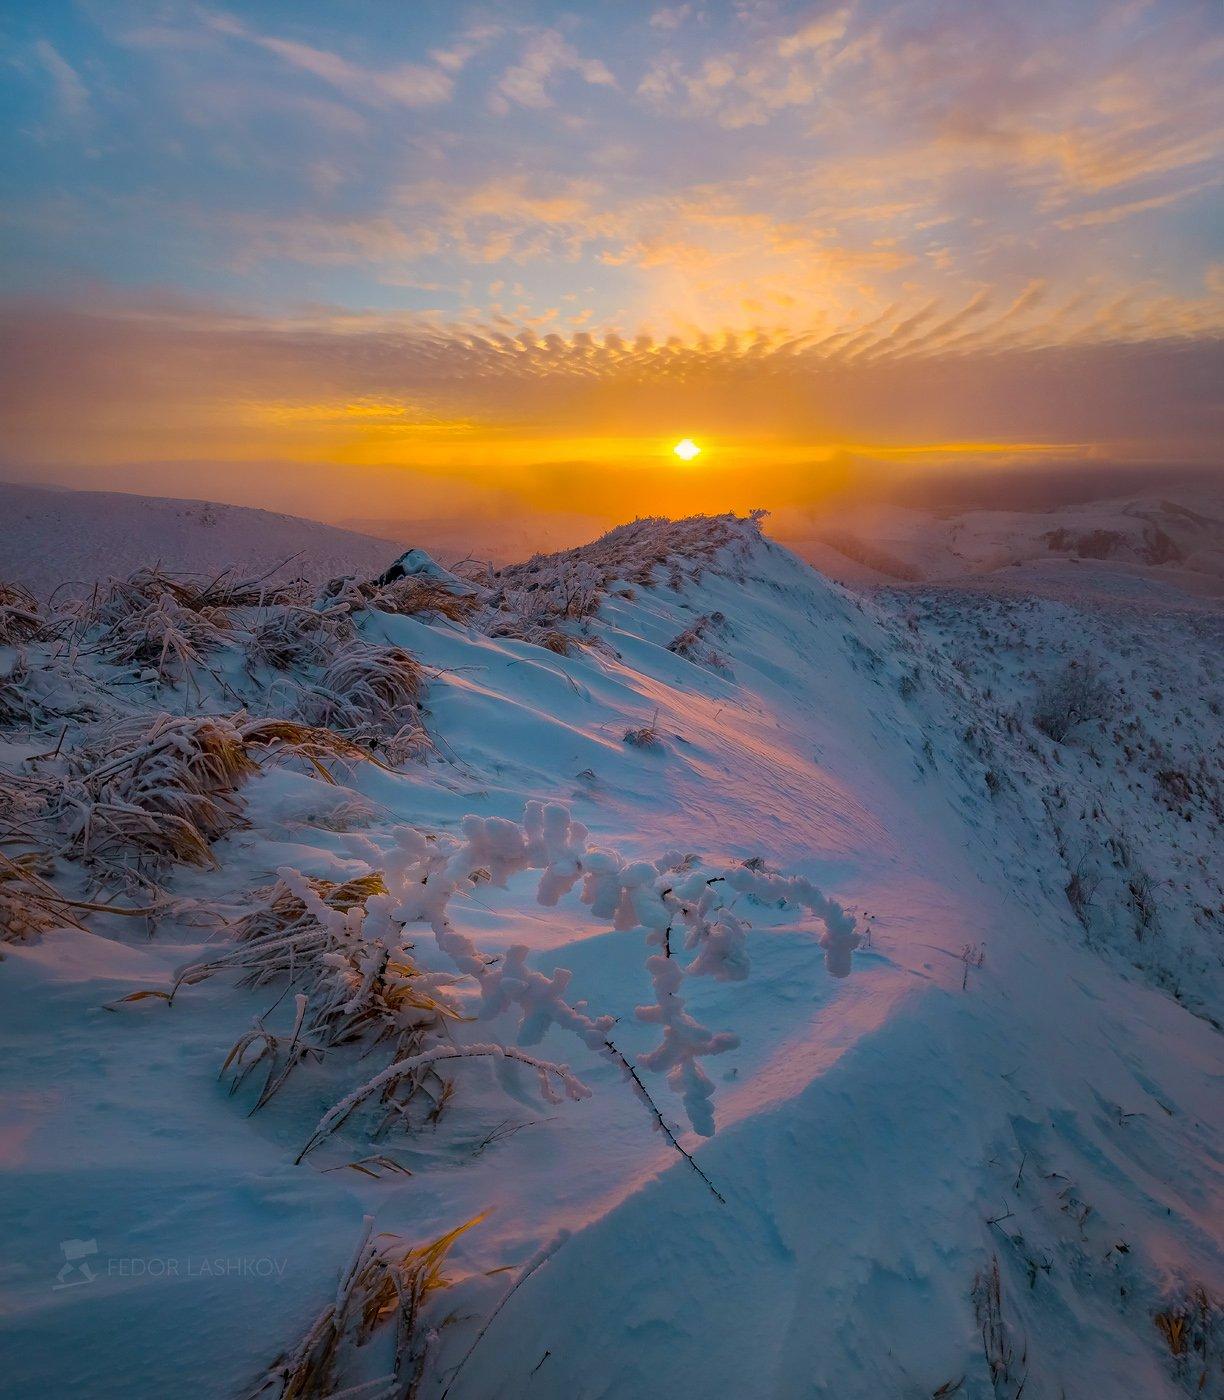 ставропольский край, ставрополье, зима, гора, стрижамент, степь, склон, снег, облака, трава,, Лашков Фёдор